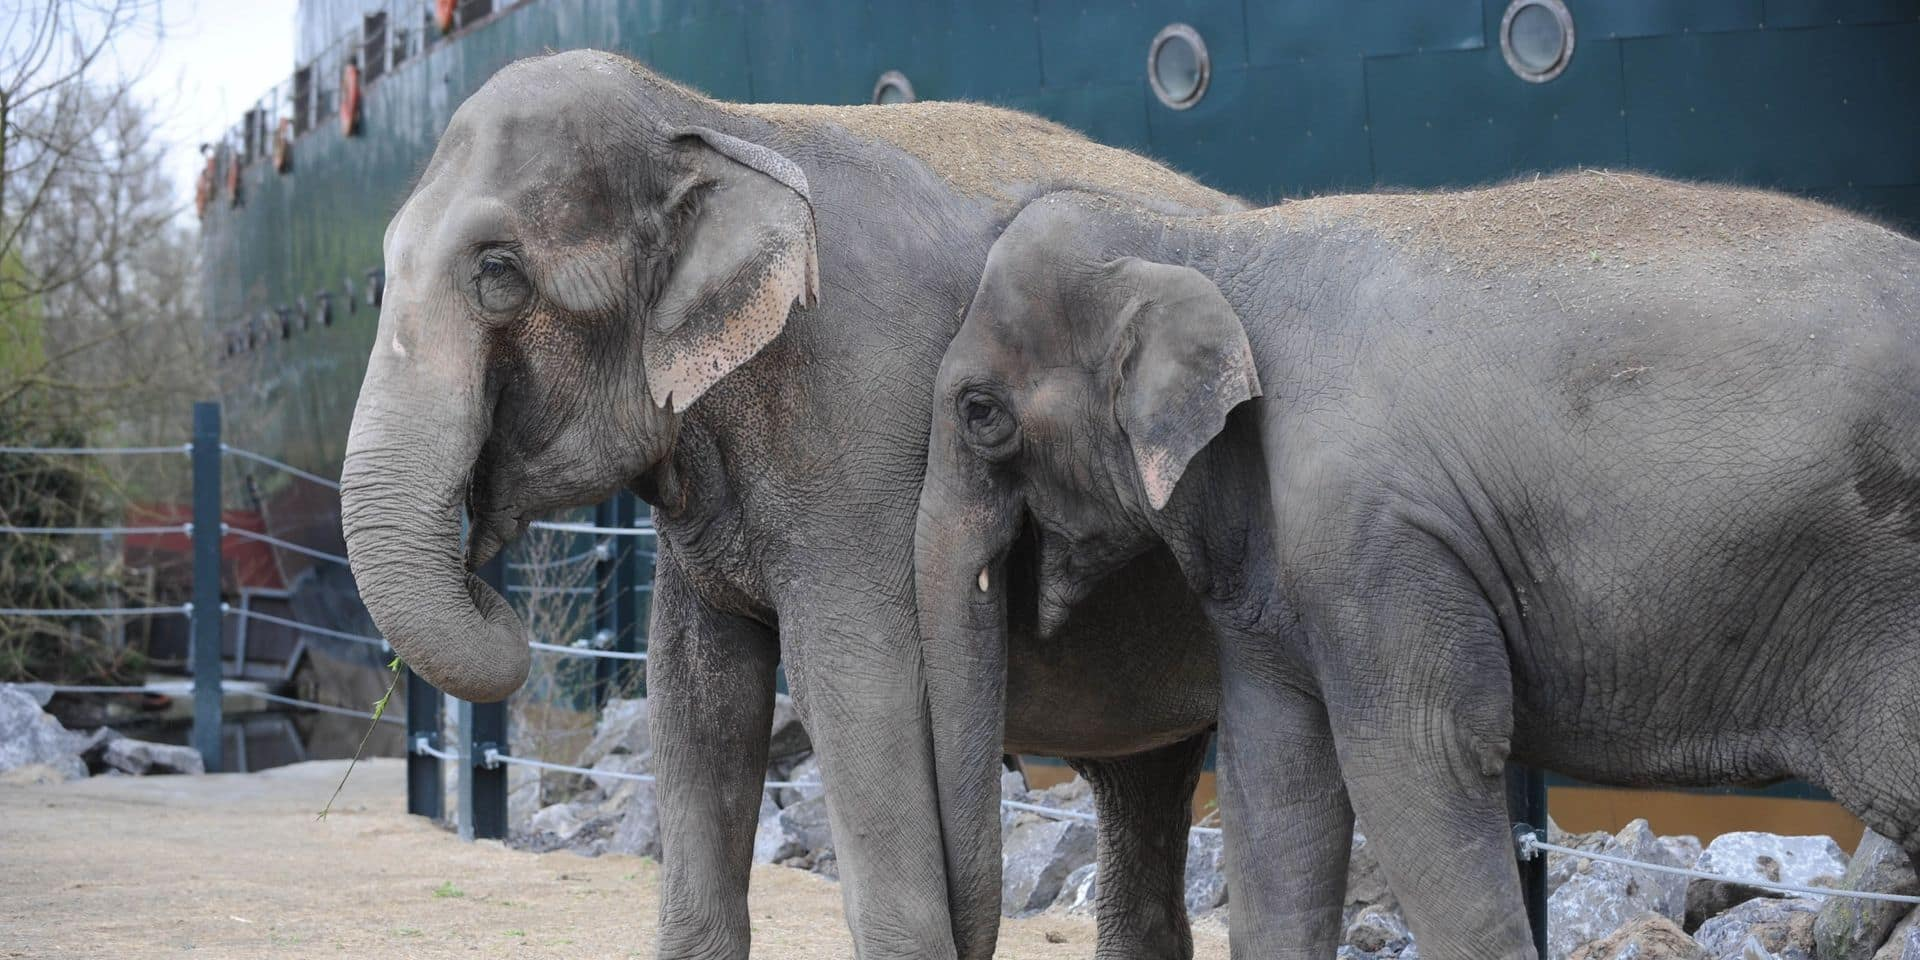 La famille des éléphants d'Asie de Pairi Daiza va s'agrandir en fin d'année